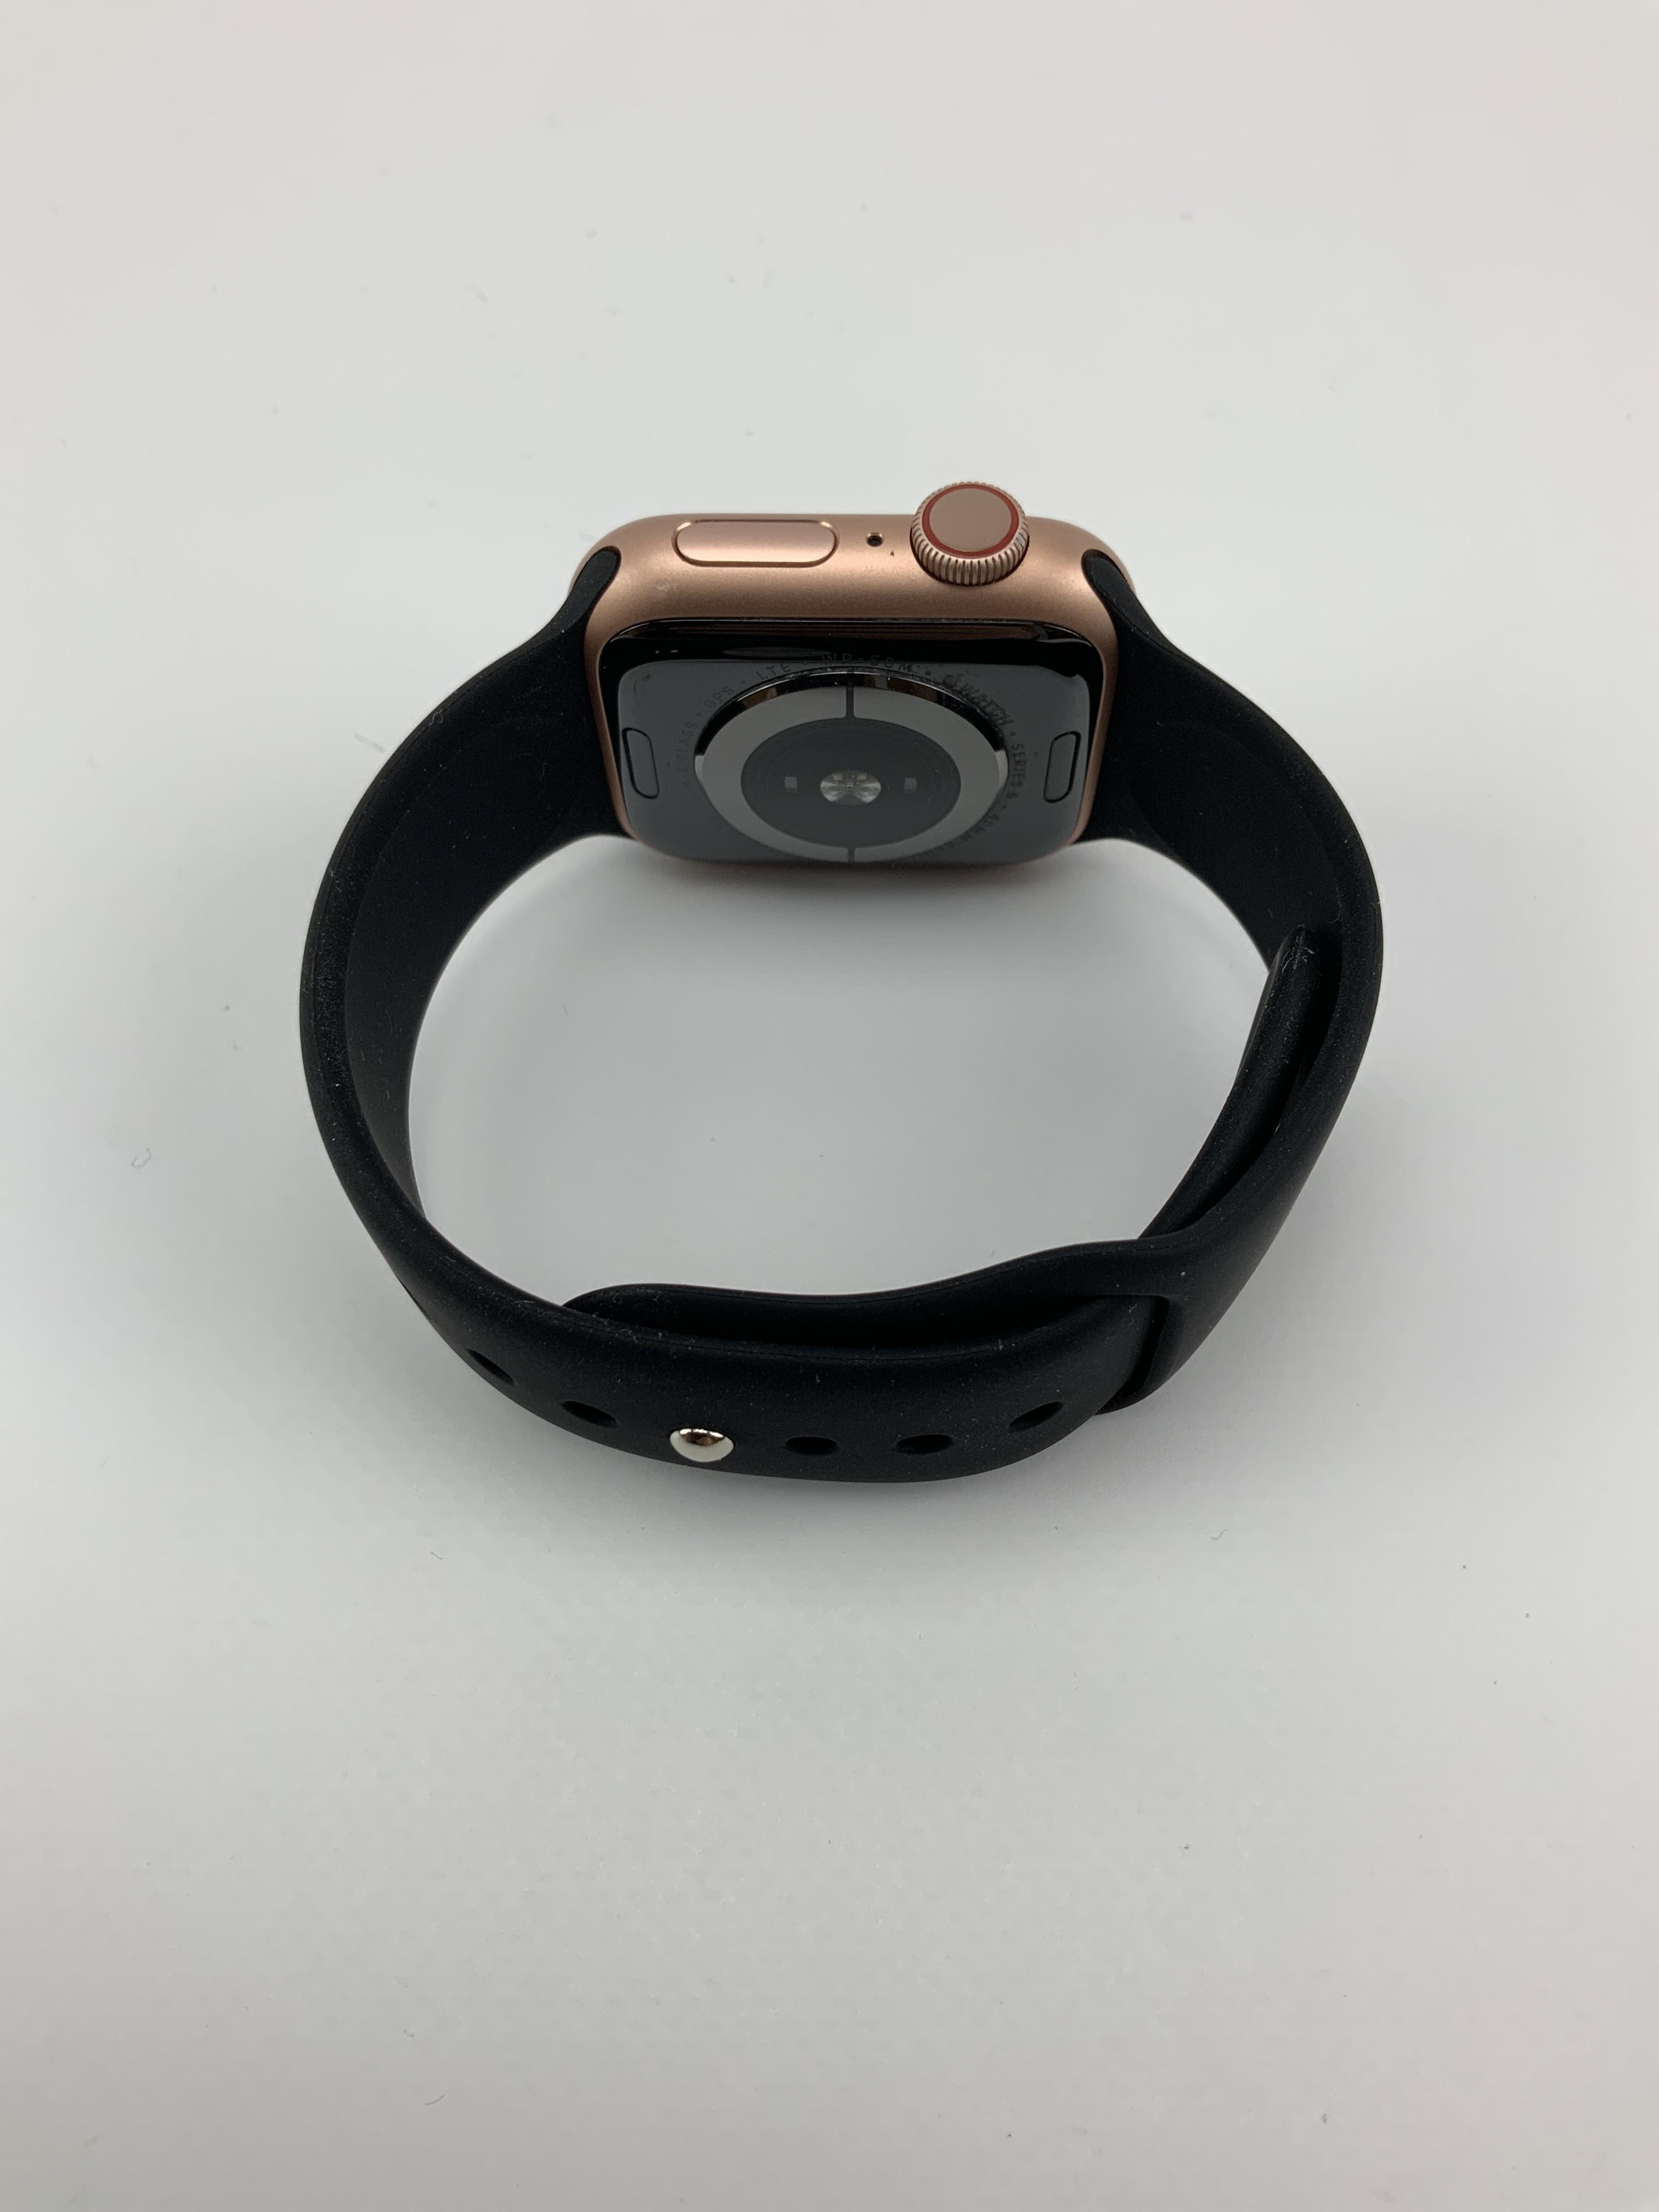 Watch Series 5 Aluminum Cellular (40mm), Gold, imagen 3